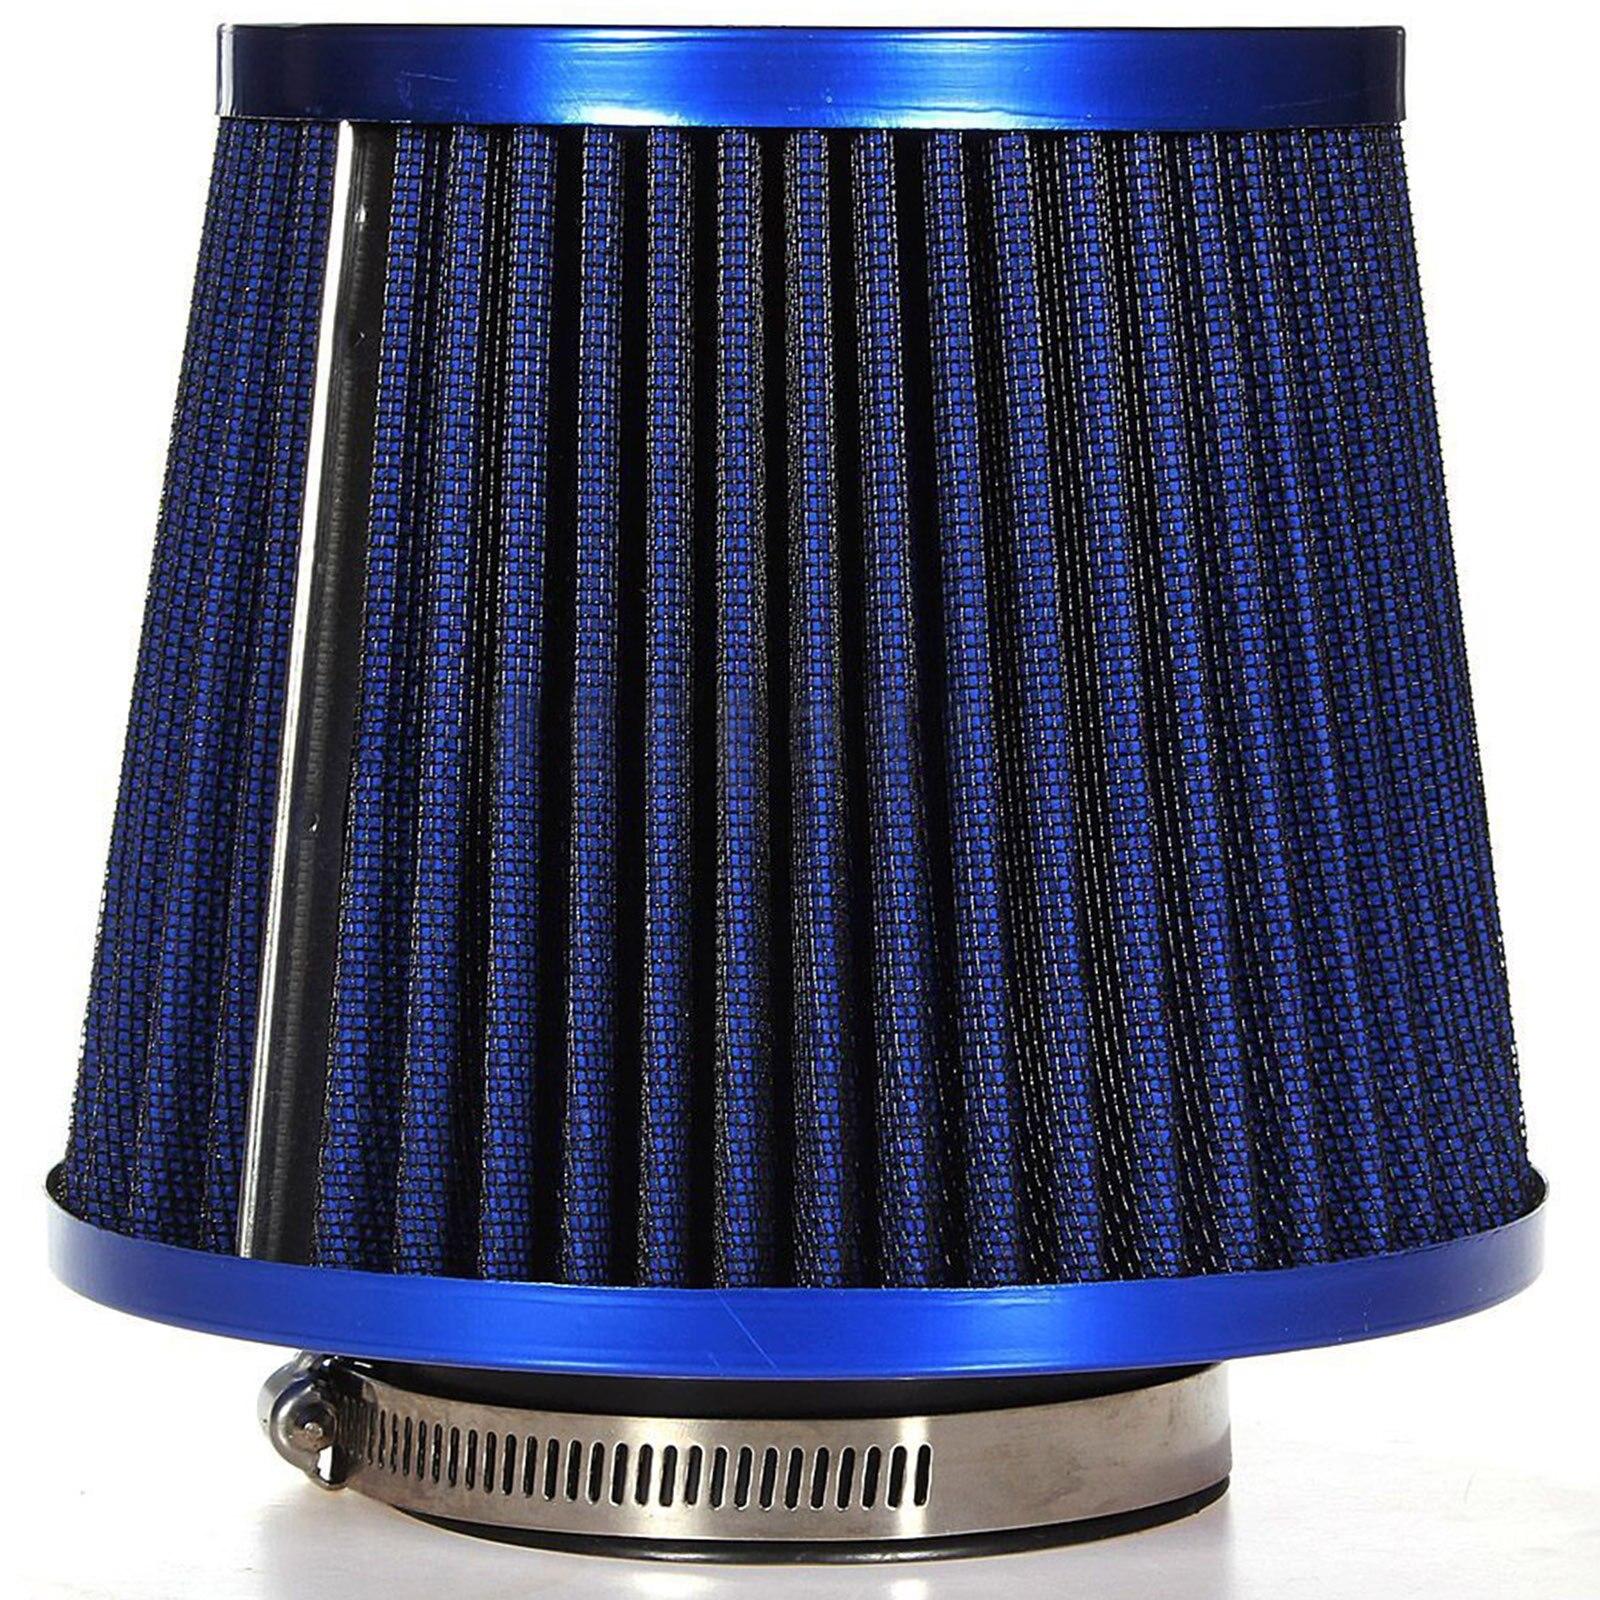 JX-LCLYL Universal รถกรองอากาศ Induction ชุด High Power กีฬาตาข่ายกรวยสีฟ้า